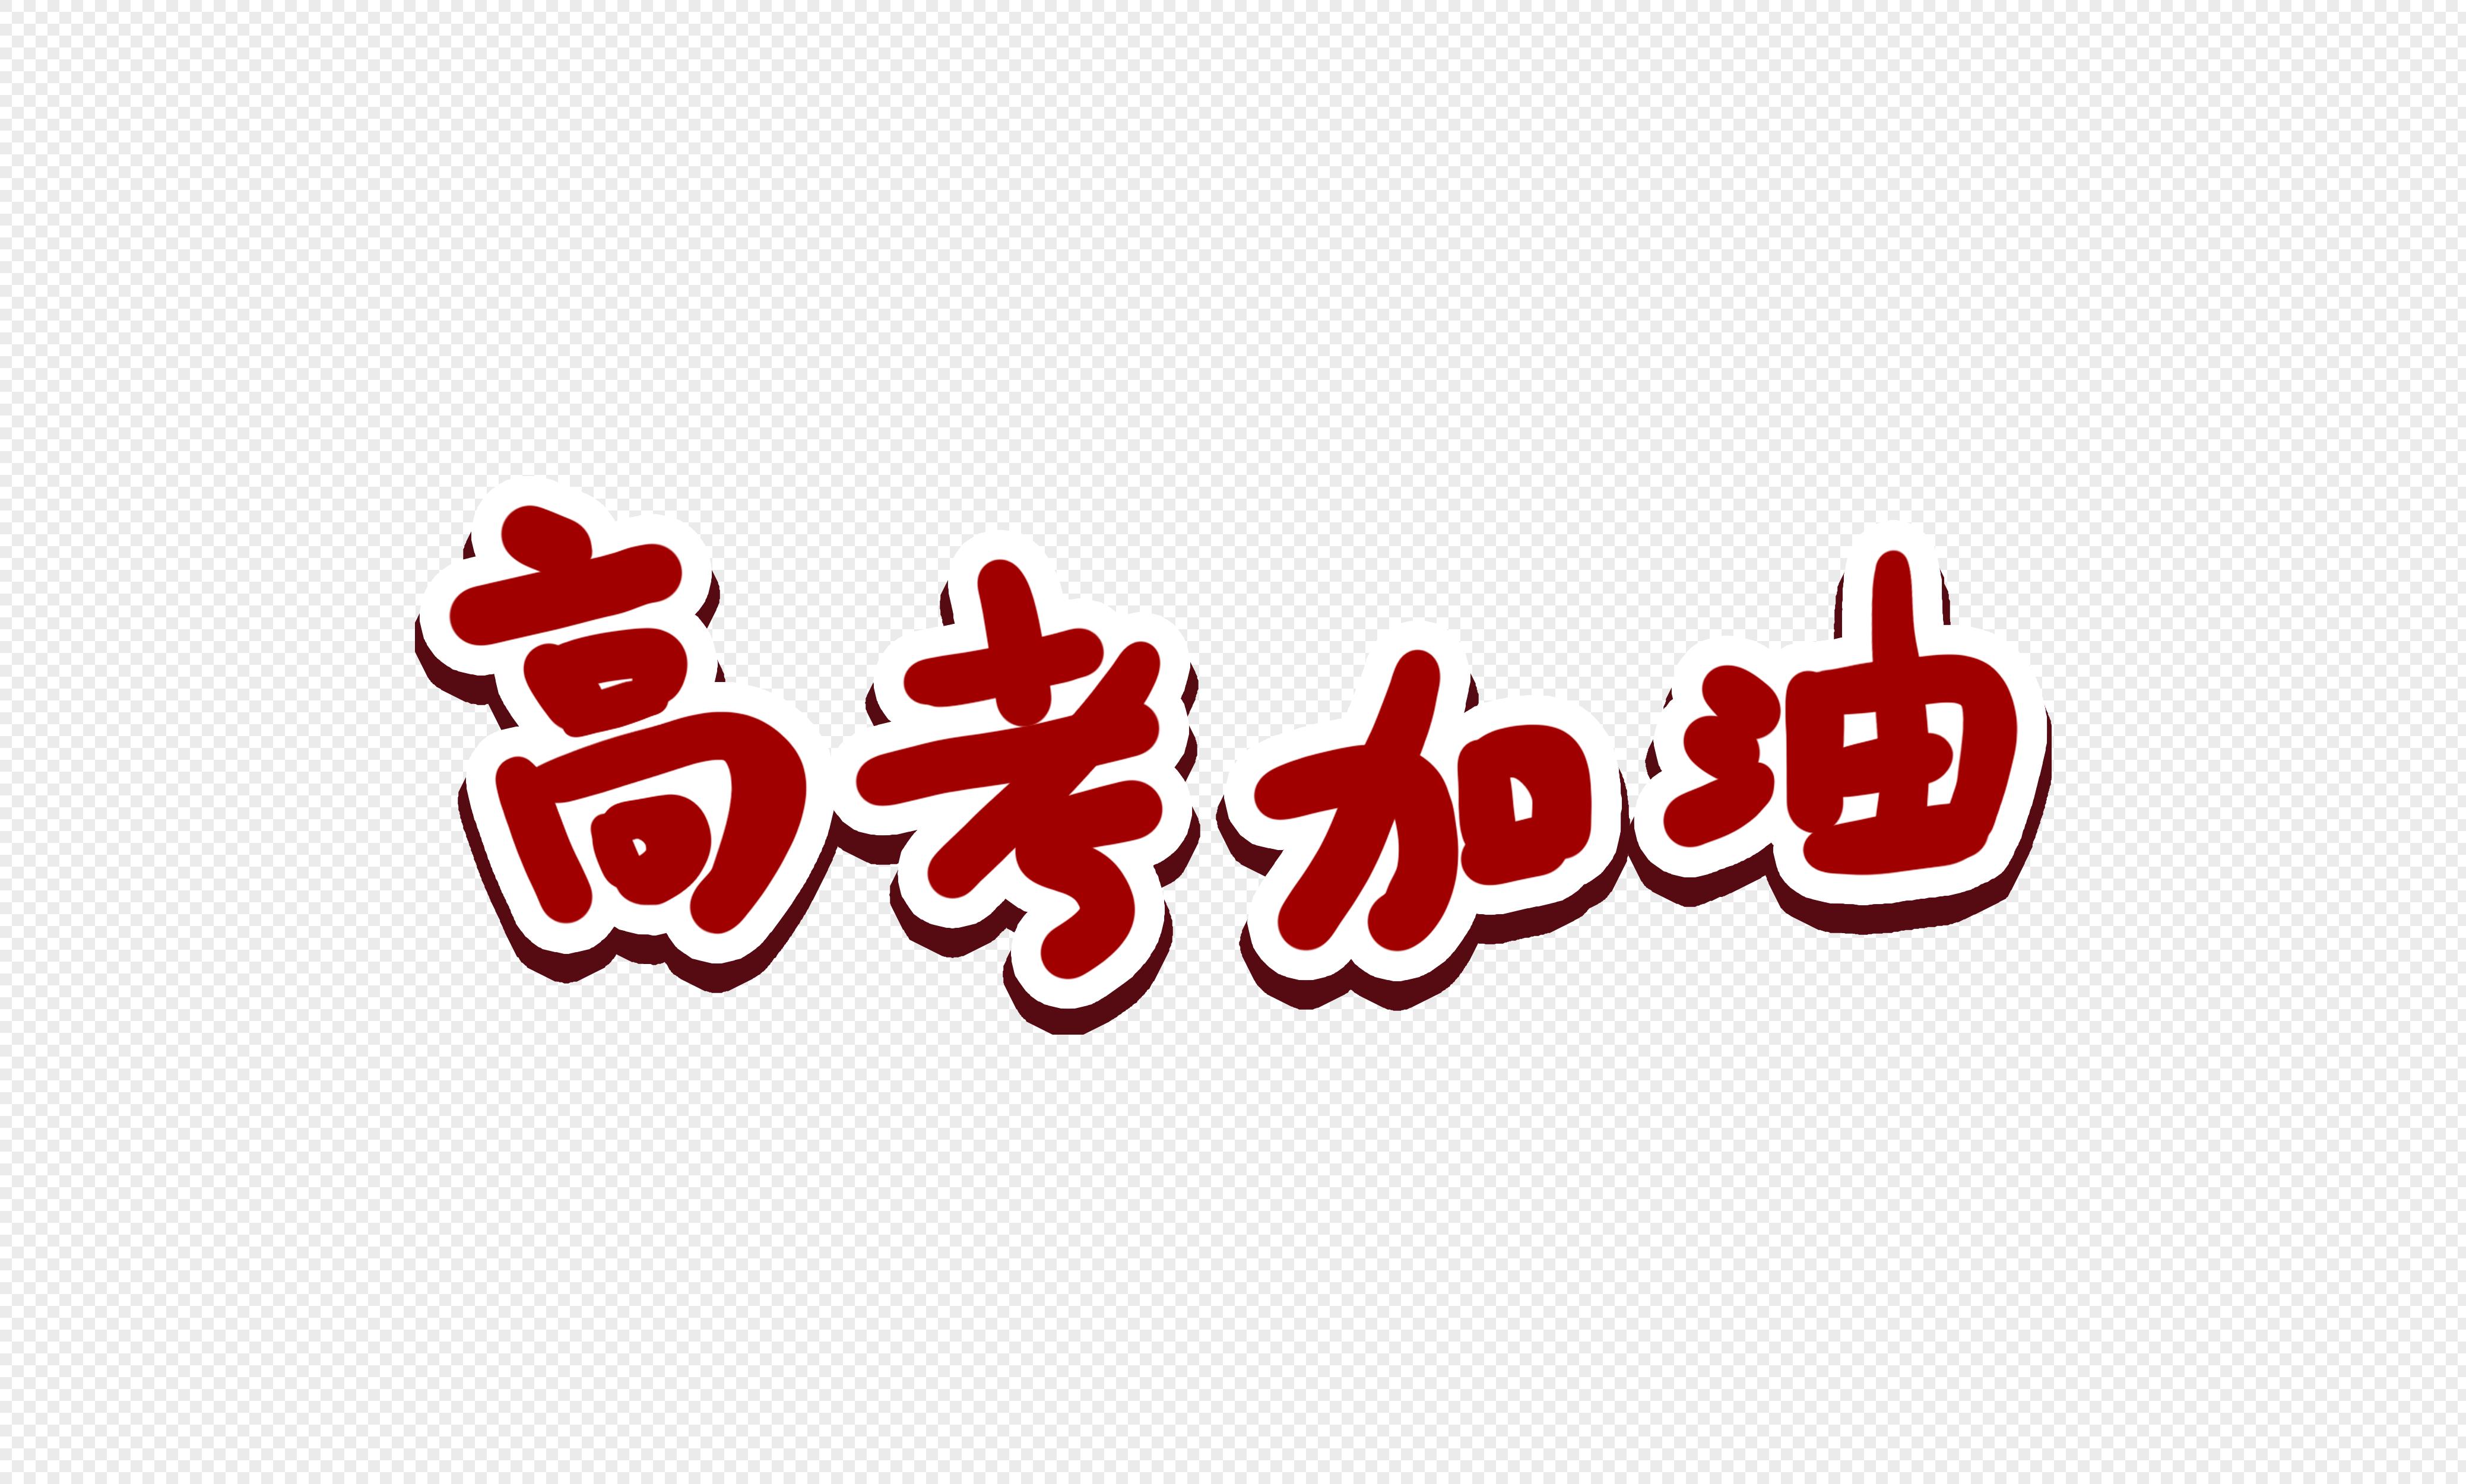 花瓣 举报 标签: 元素字体元素字体素材高考高考加油高考字体高考